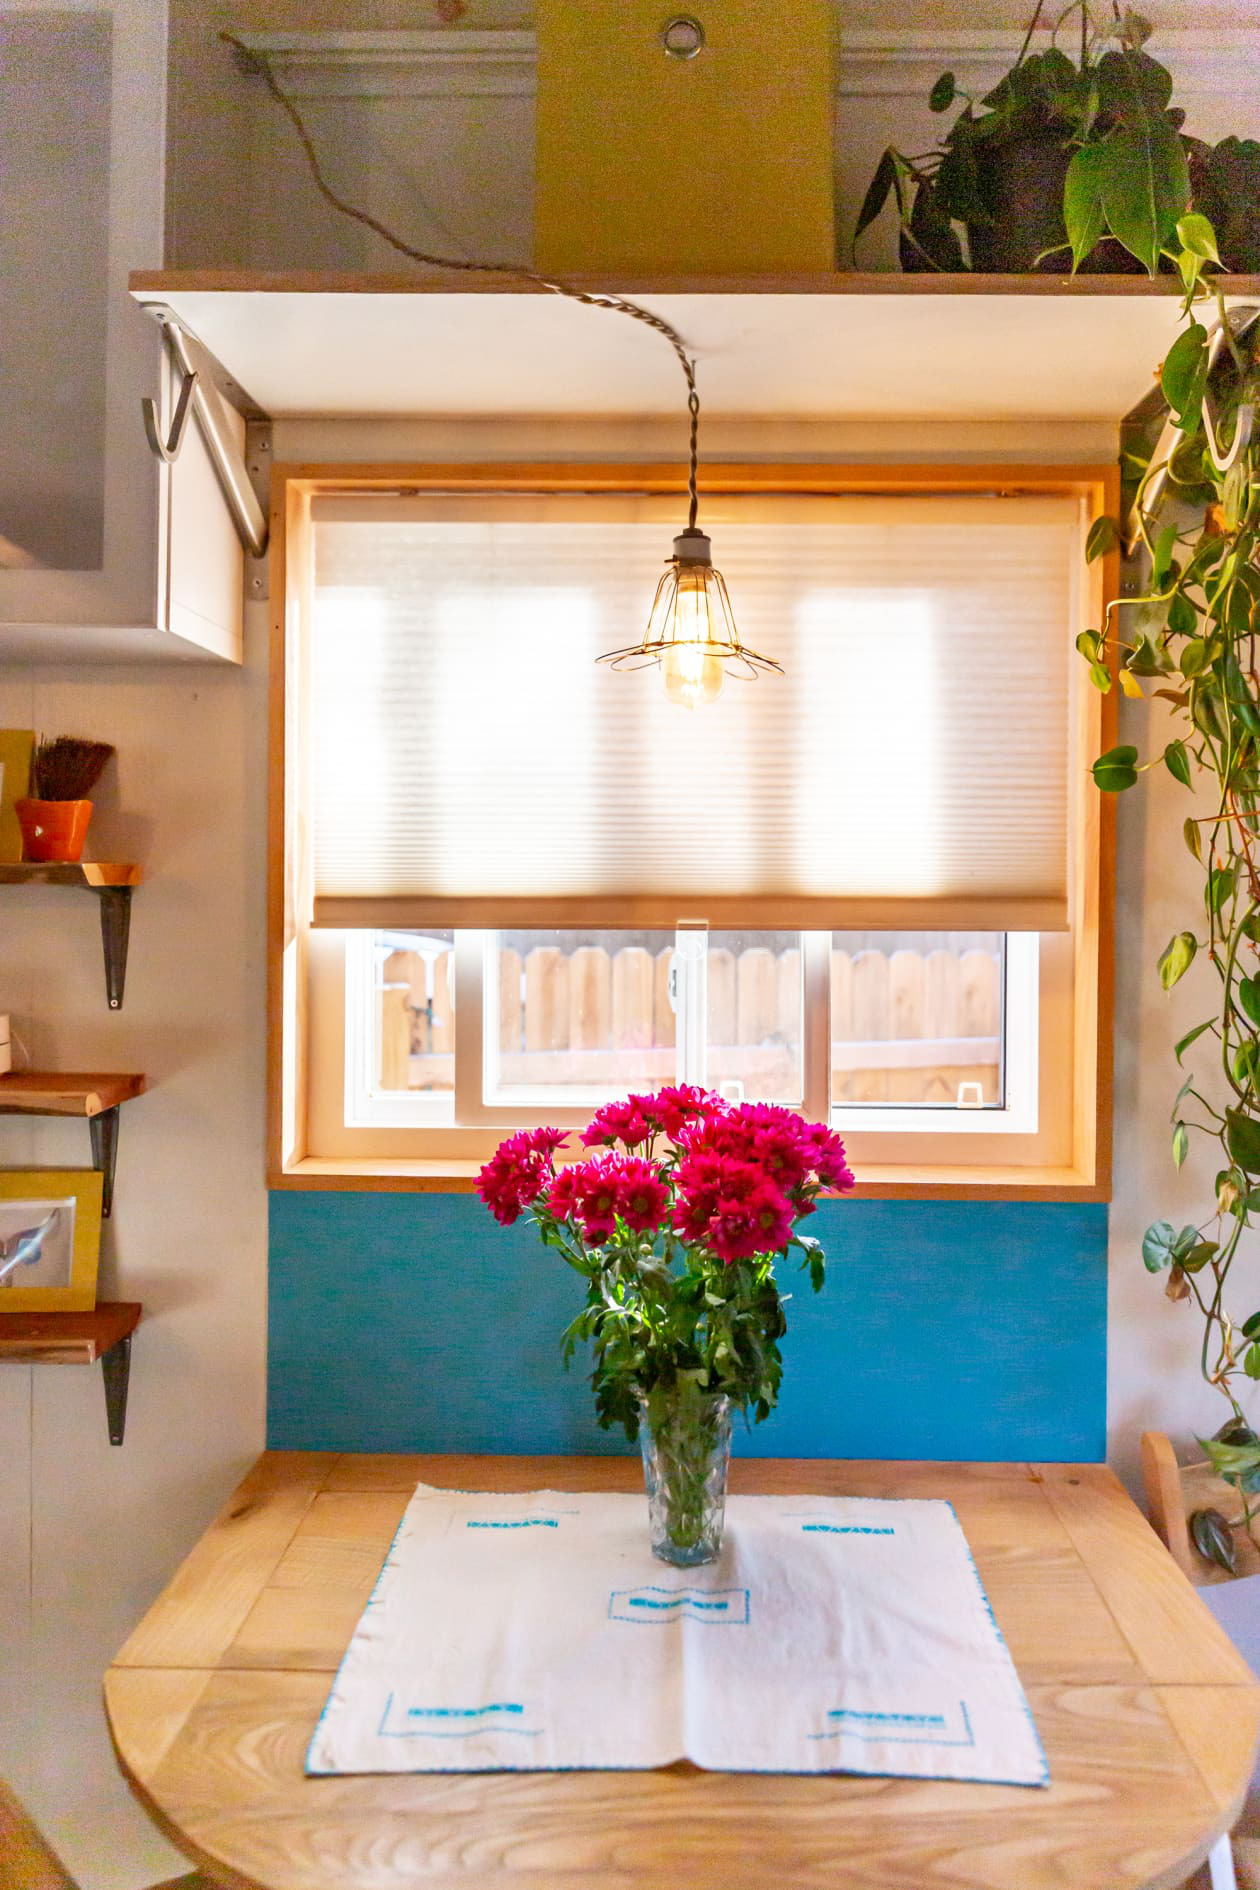 Thiết kế nhà nhỏ 44m2 theo phong cách Scandinavia, màu sắc tươi sáng lấy cảm hứng từ nghệ thuật truyền thống Mexico, dệt may, và gốm sứ tuyệt đẹp - Ảnh 2.